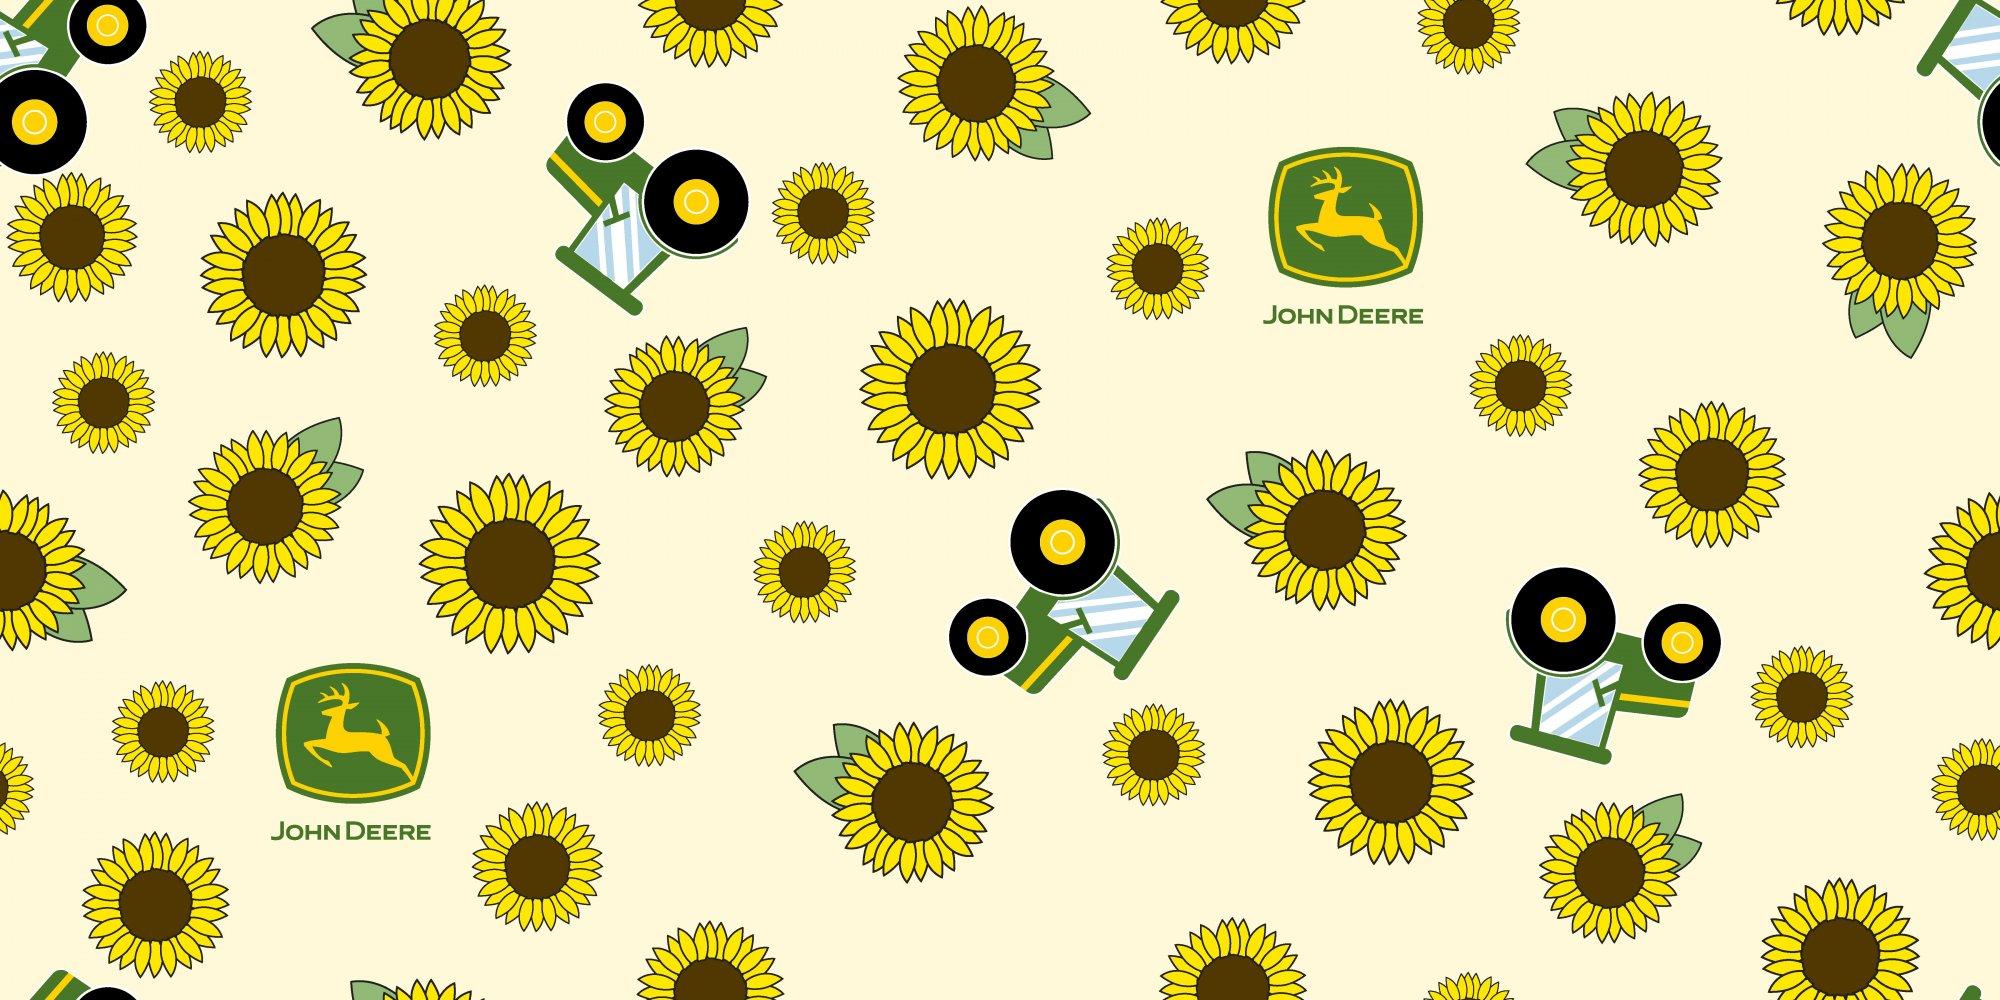 SC-John Deere 76483-A620715 John Deere Sunflower Toss